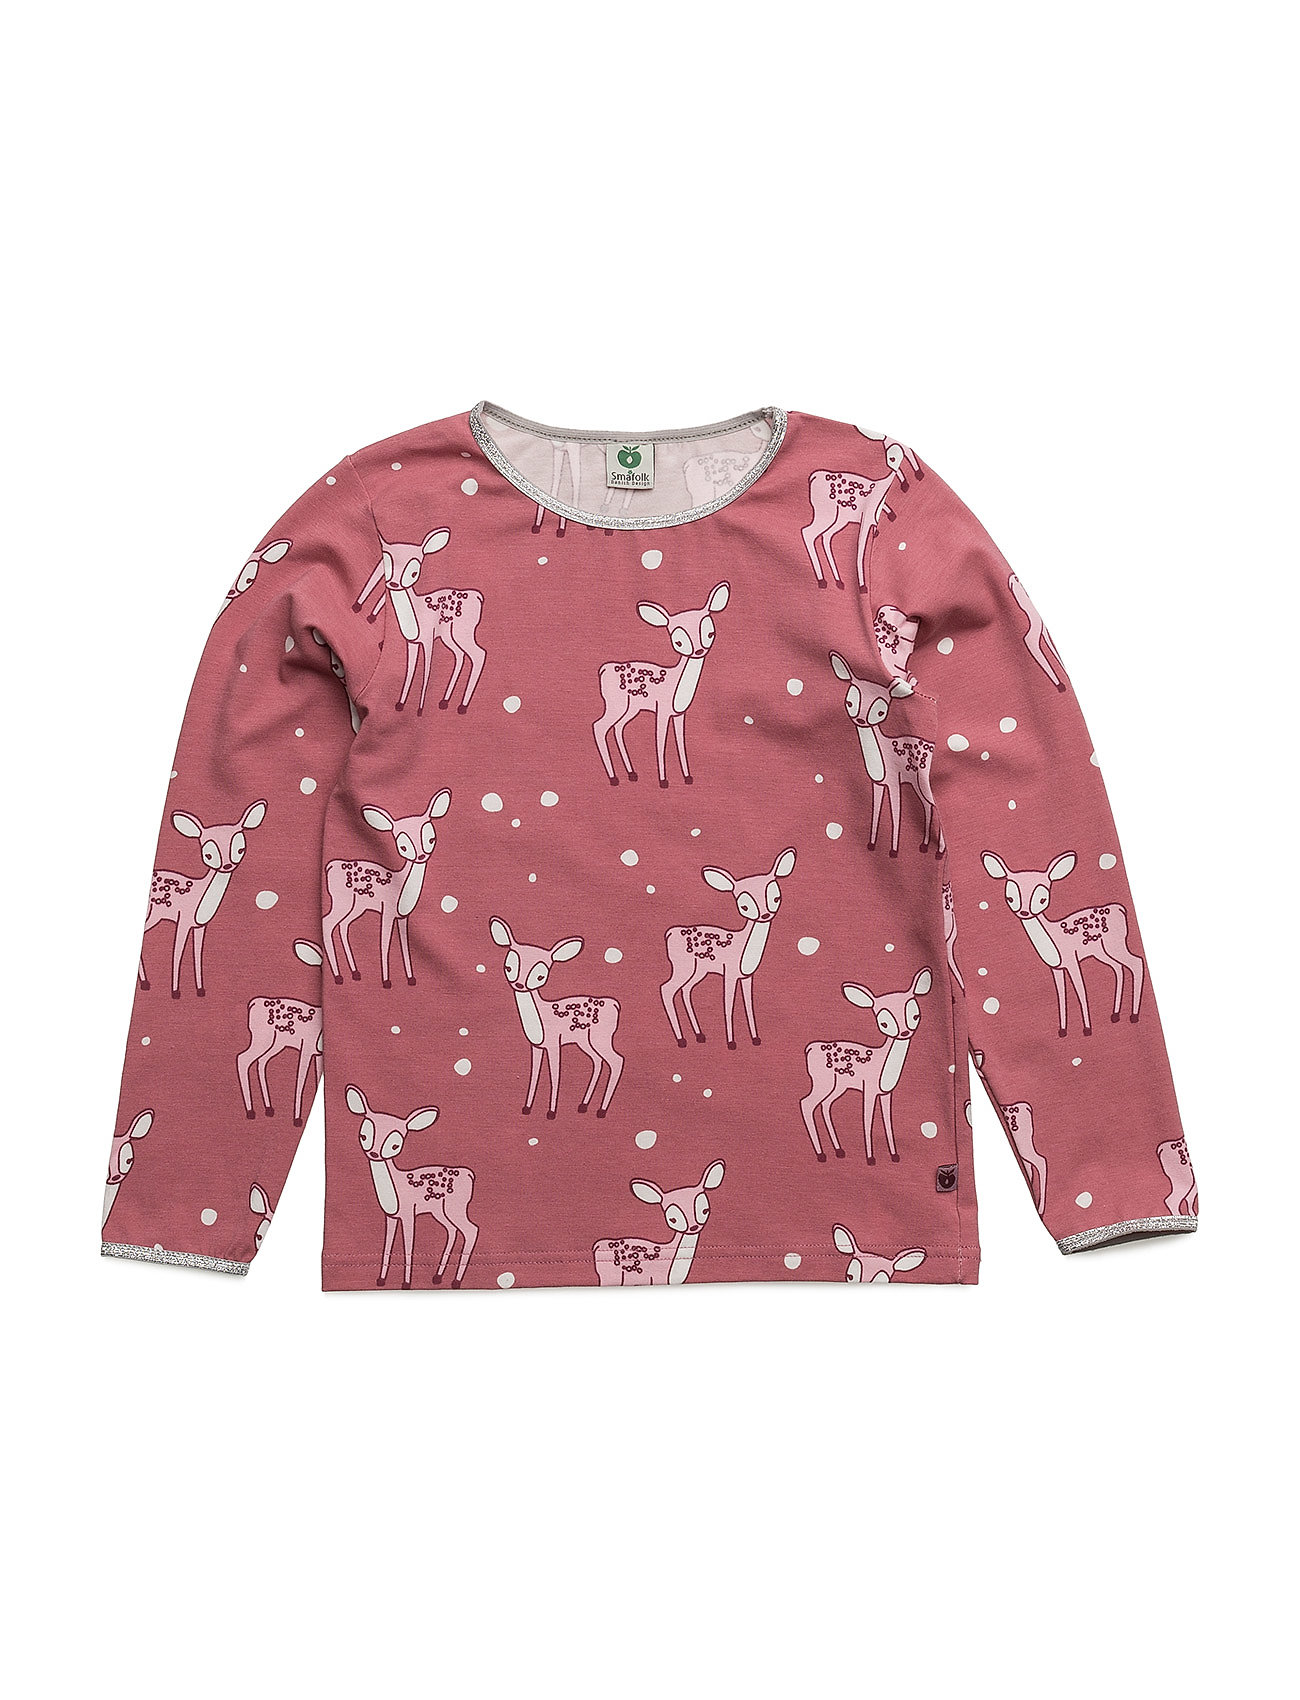 T-Shirt With Baby Deer. SmÂfolk Langærmede t-shirts til Børn i Mesa Rose